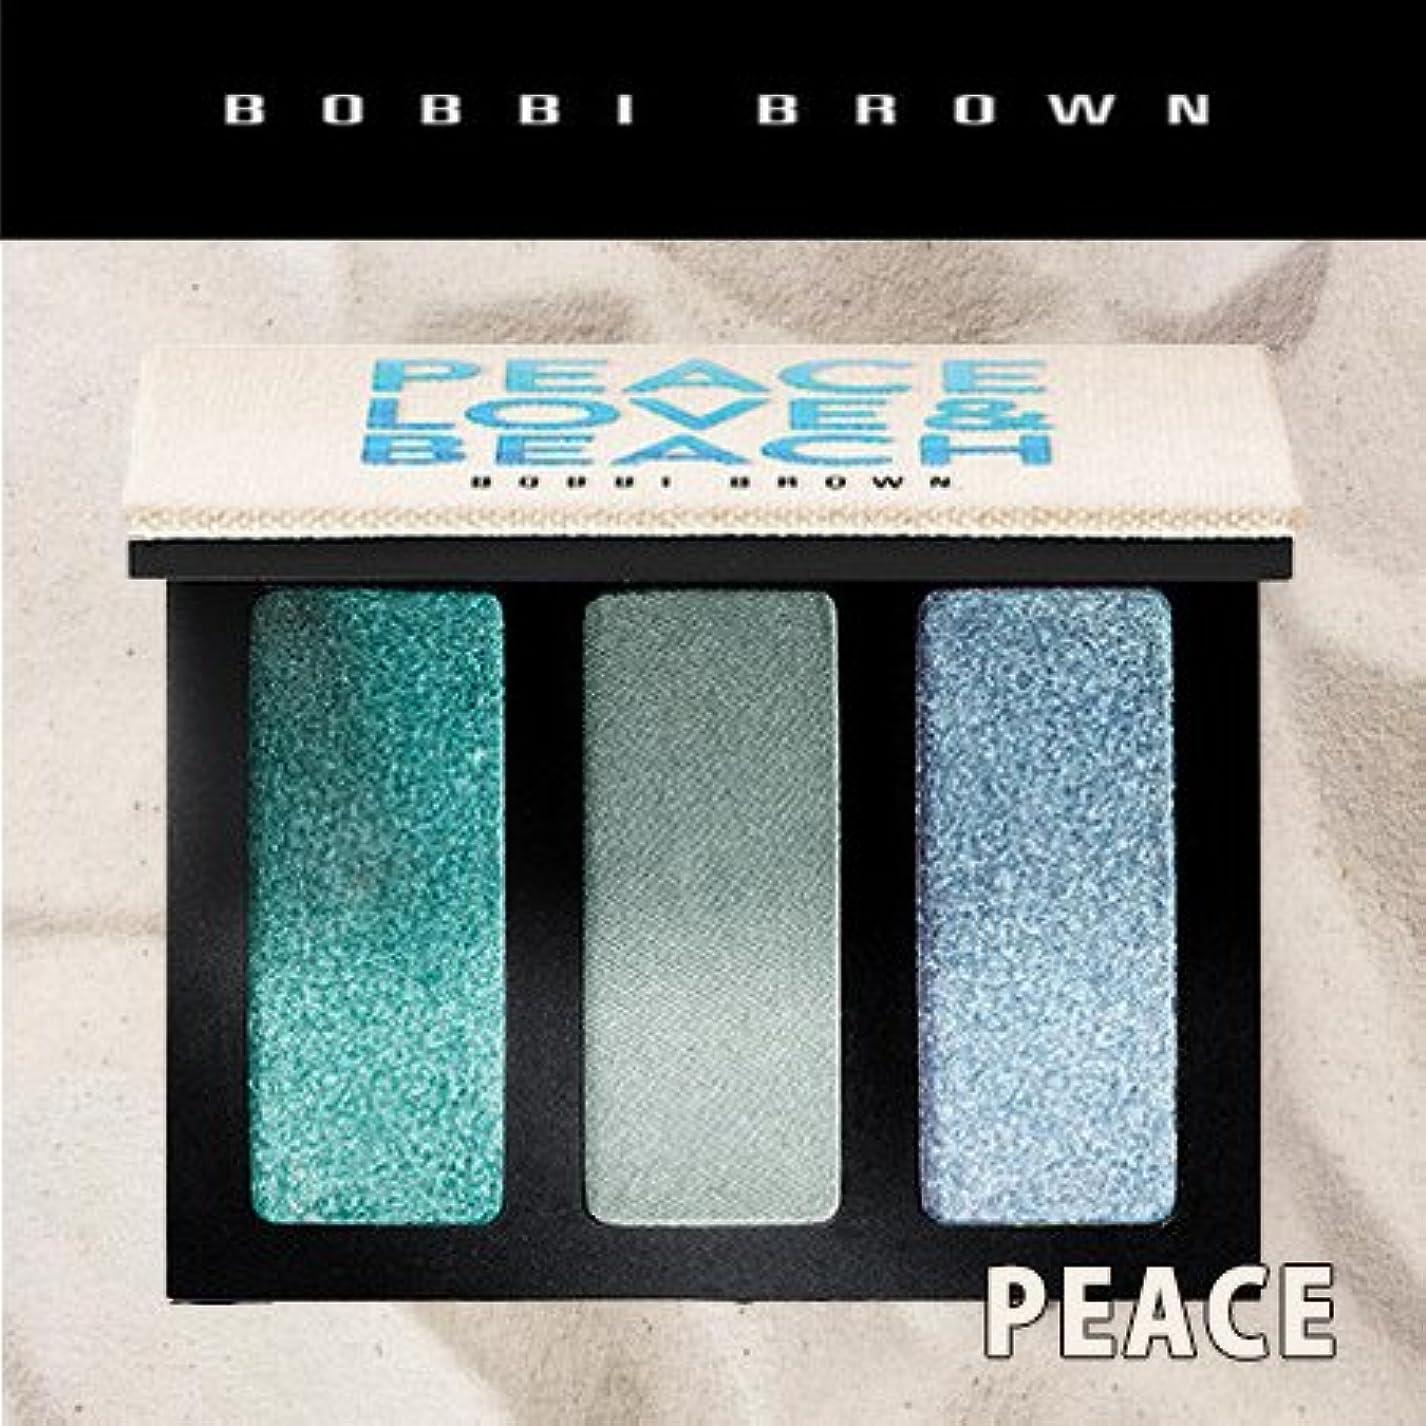 意気揚々スリップシューズ保護ボビイブラウン アイシャドウ トリオ ピース,ラブ&ビーチ #ピース PEACE (限定品) -BOBBI BROWN- 【並行輸入品】